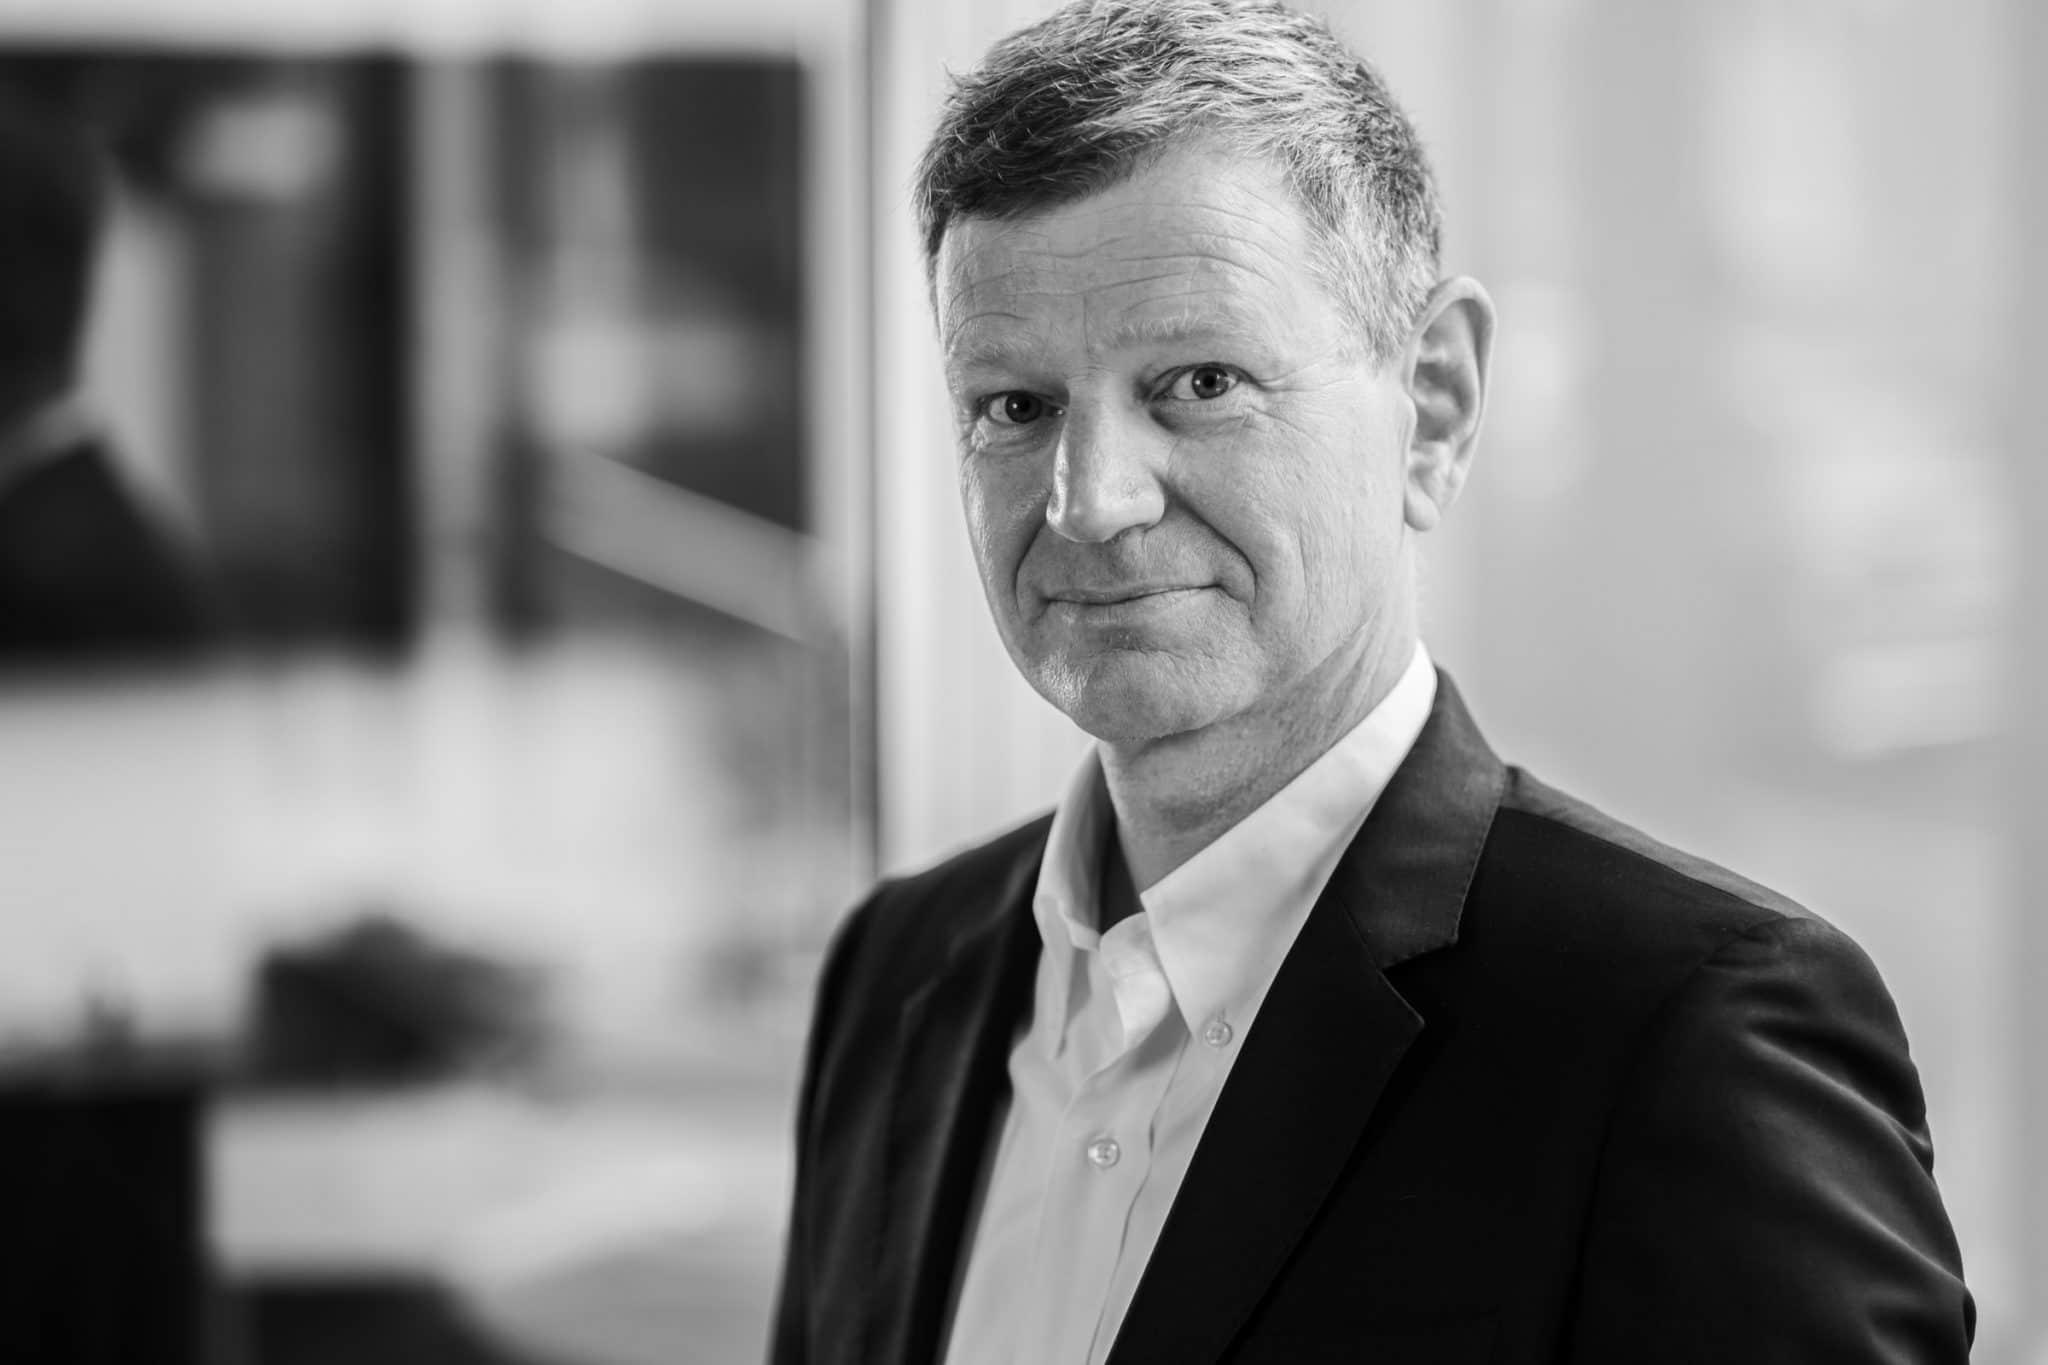 Business Portrait Schwarz Weiss